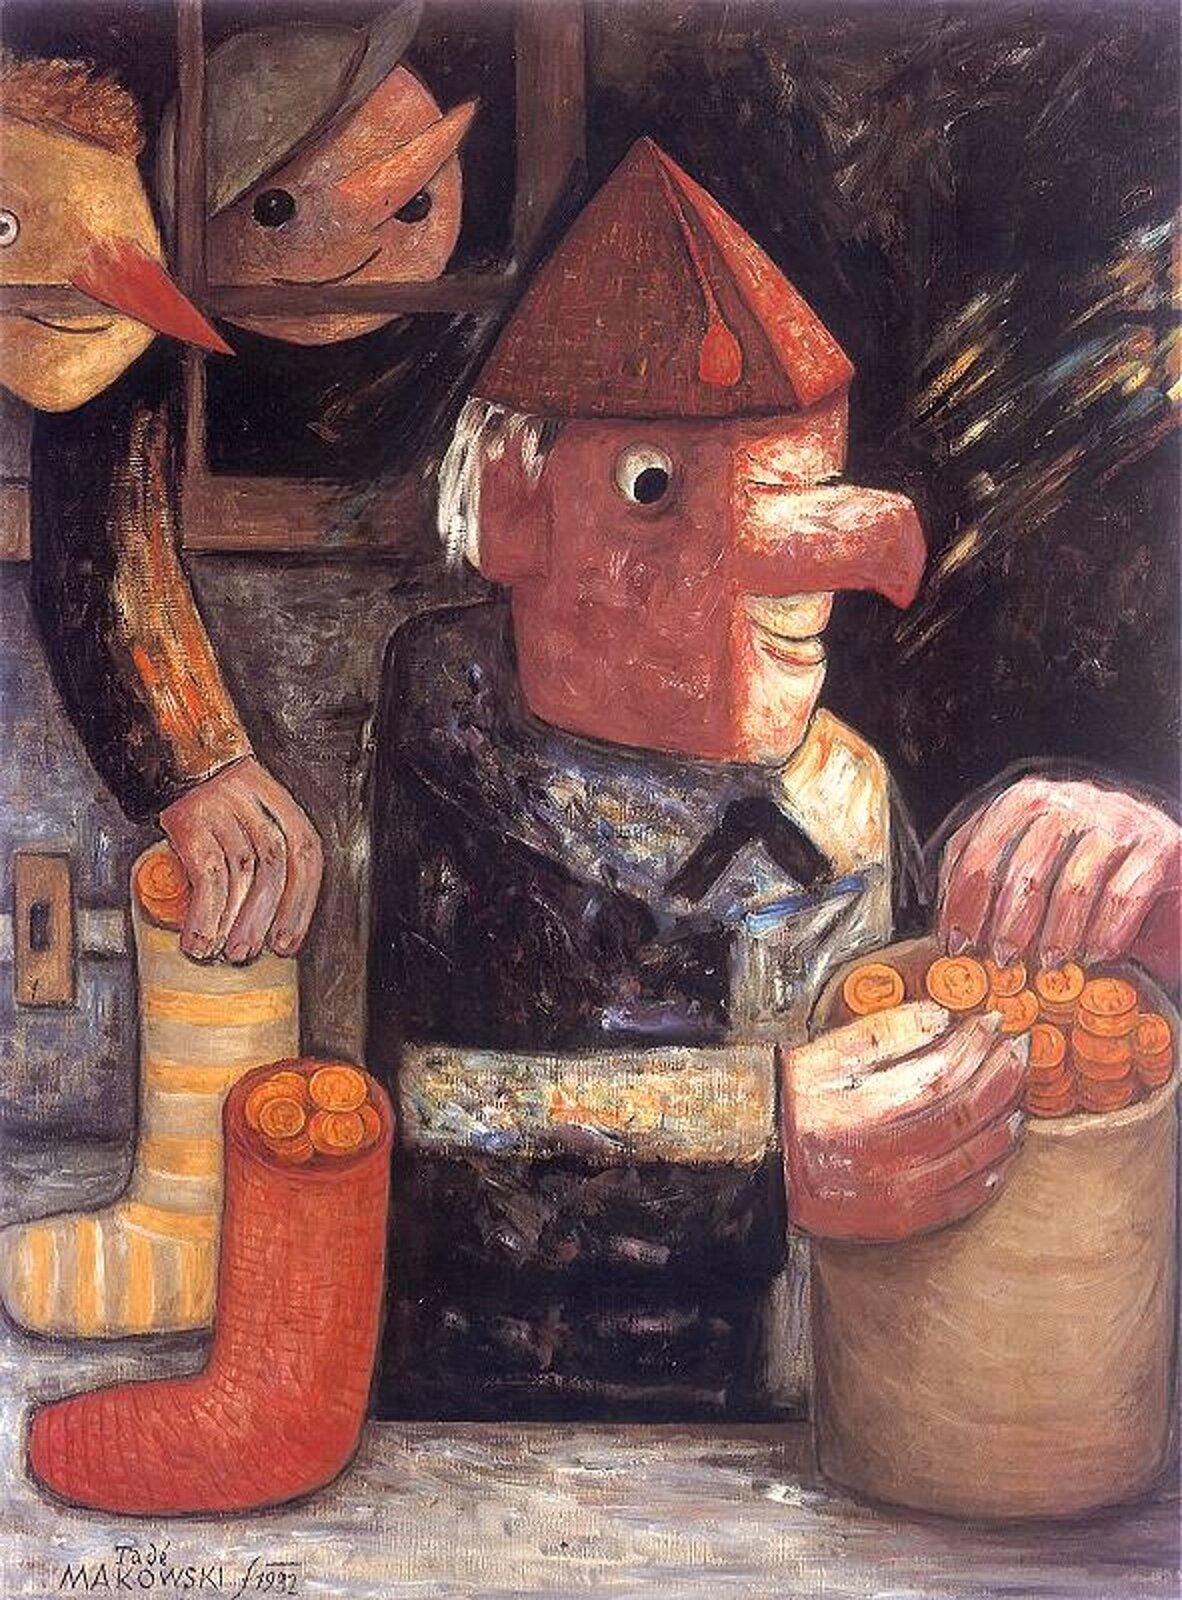 """Ilustracja przedstawia obraz pt. """"Skąpiec"""" autorstwa Tadeusza Makowskiego. Praca przedstawia postać tytułowego Skąpca, starszego mężczyzny siedzącego przy stole. Mężczyzna ma charakterystyczny przypominający nos hak, duże dłonie zostro zakończonymi pazurami. Na drugim planie widoczne są dzieci przyglądające się starcowi. Jedno zdzieci wyciąga rękę po skarpetkę, gdzie znajdują się monety."""